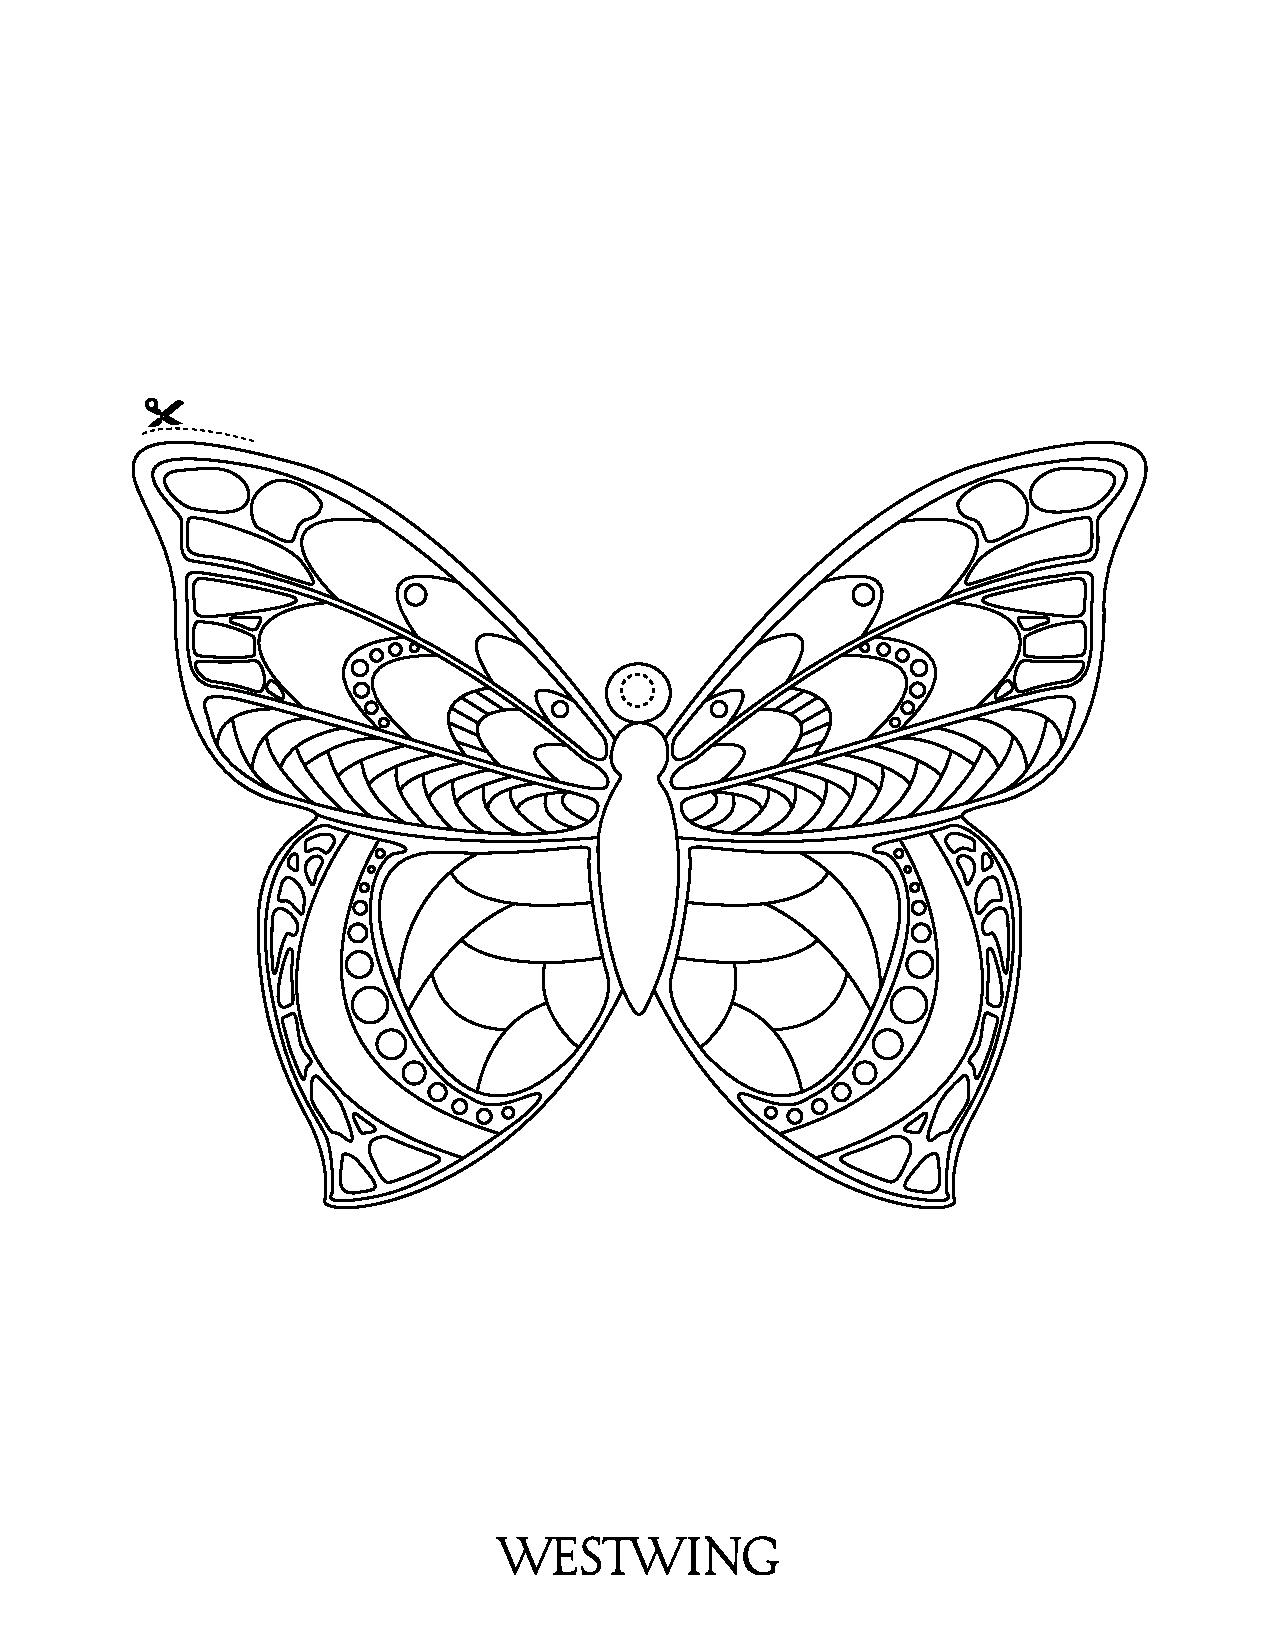 Un beau coloriage de papillon et découper. Des motifs complexes et élégants à colorier